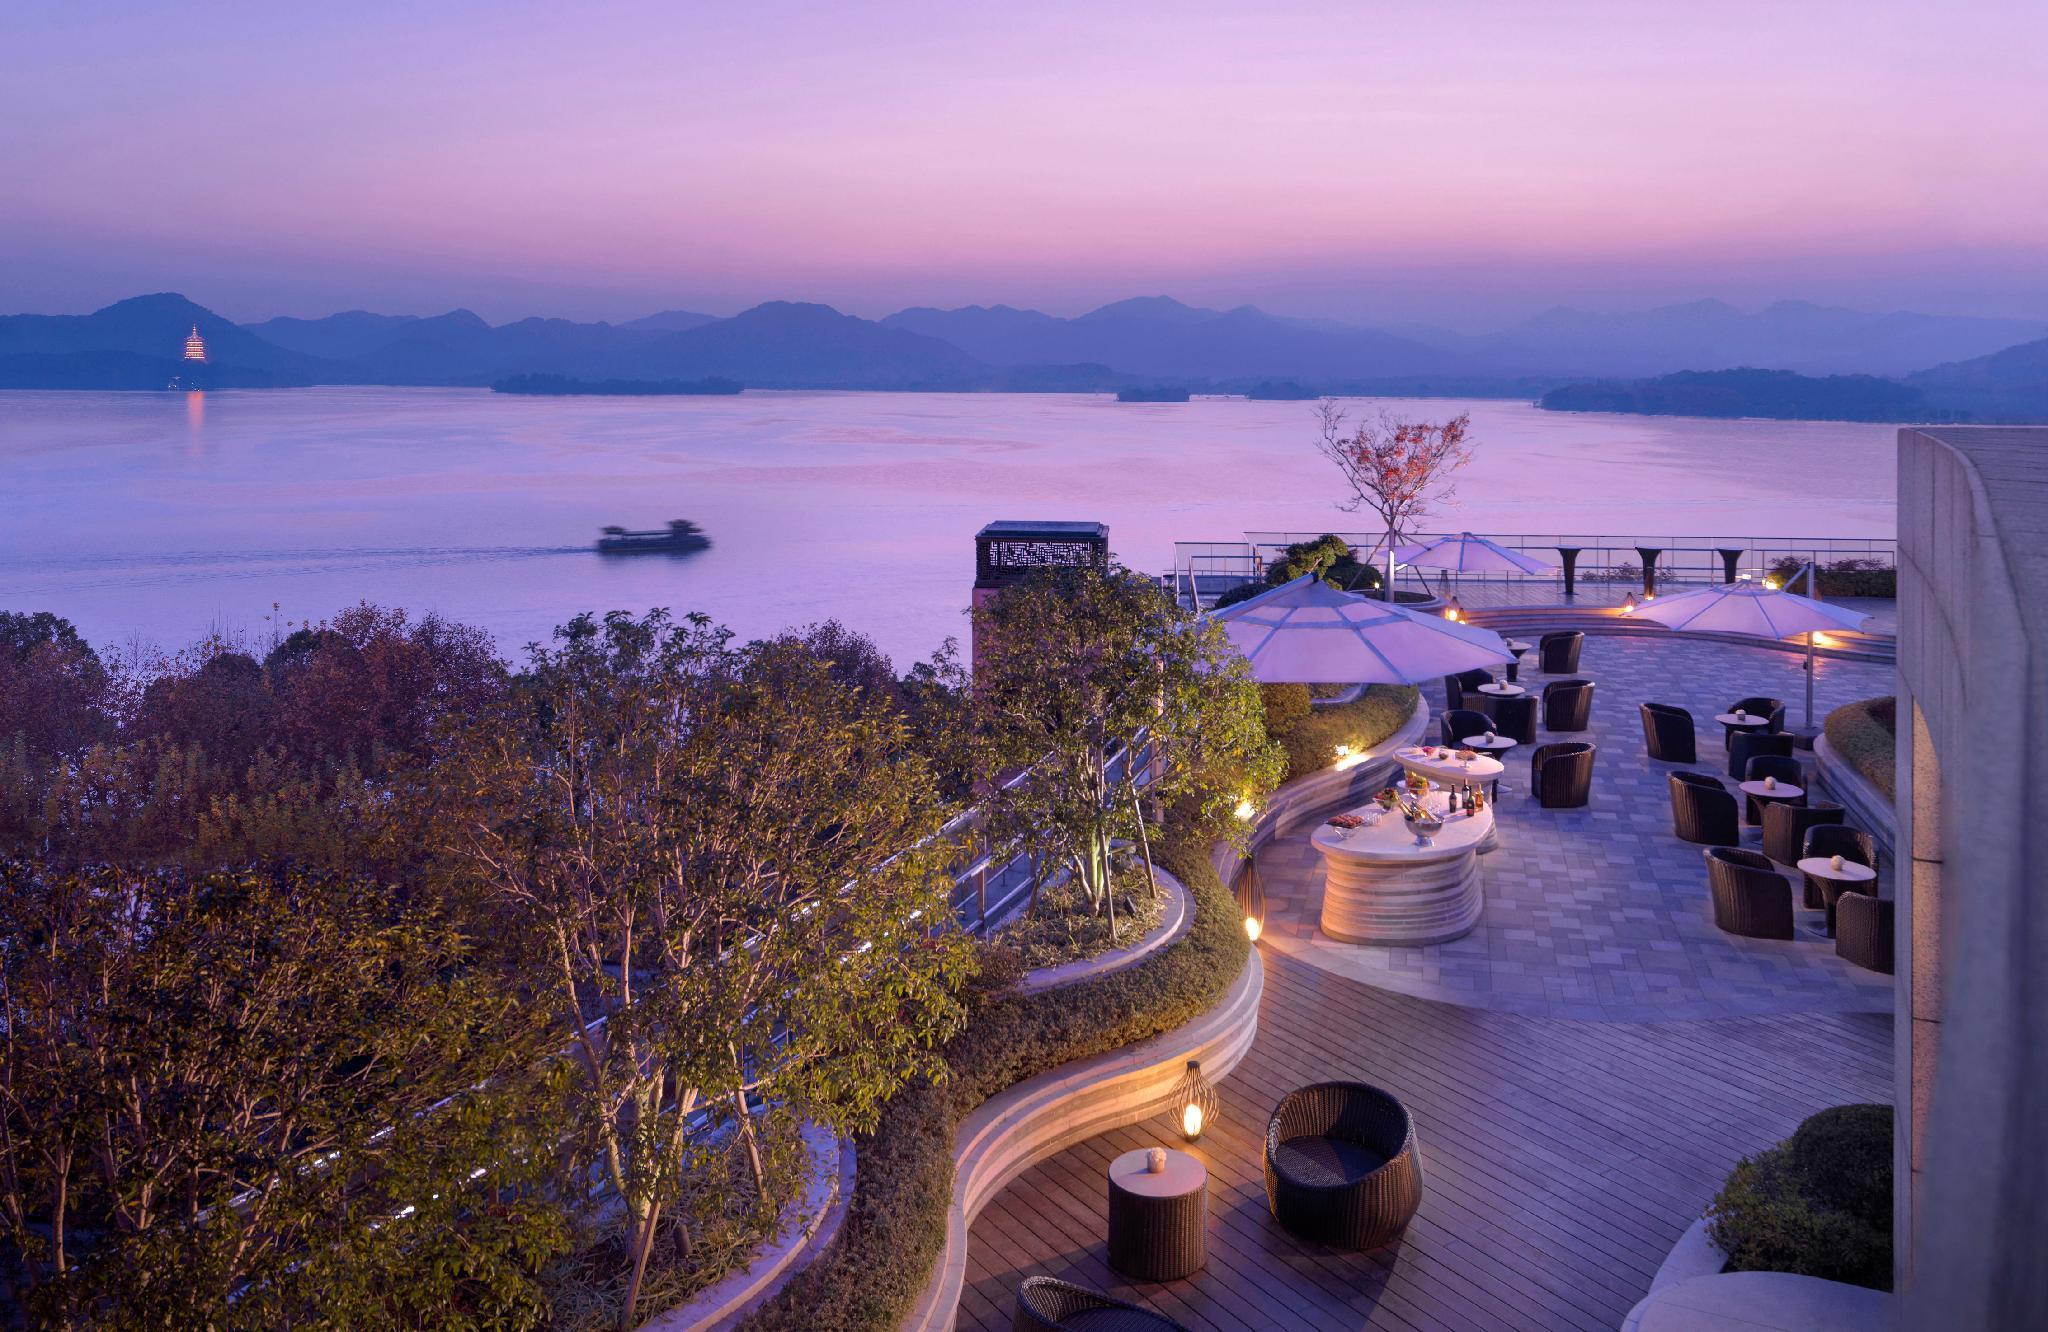 Grand Hyatt Hangzhou